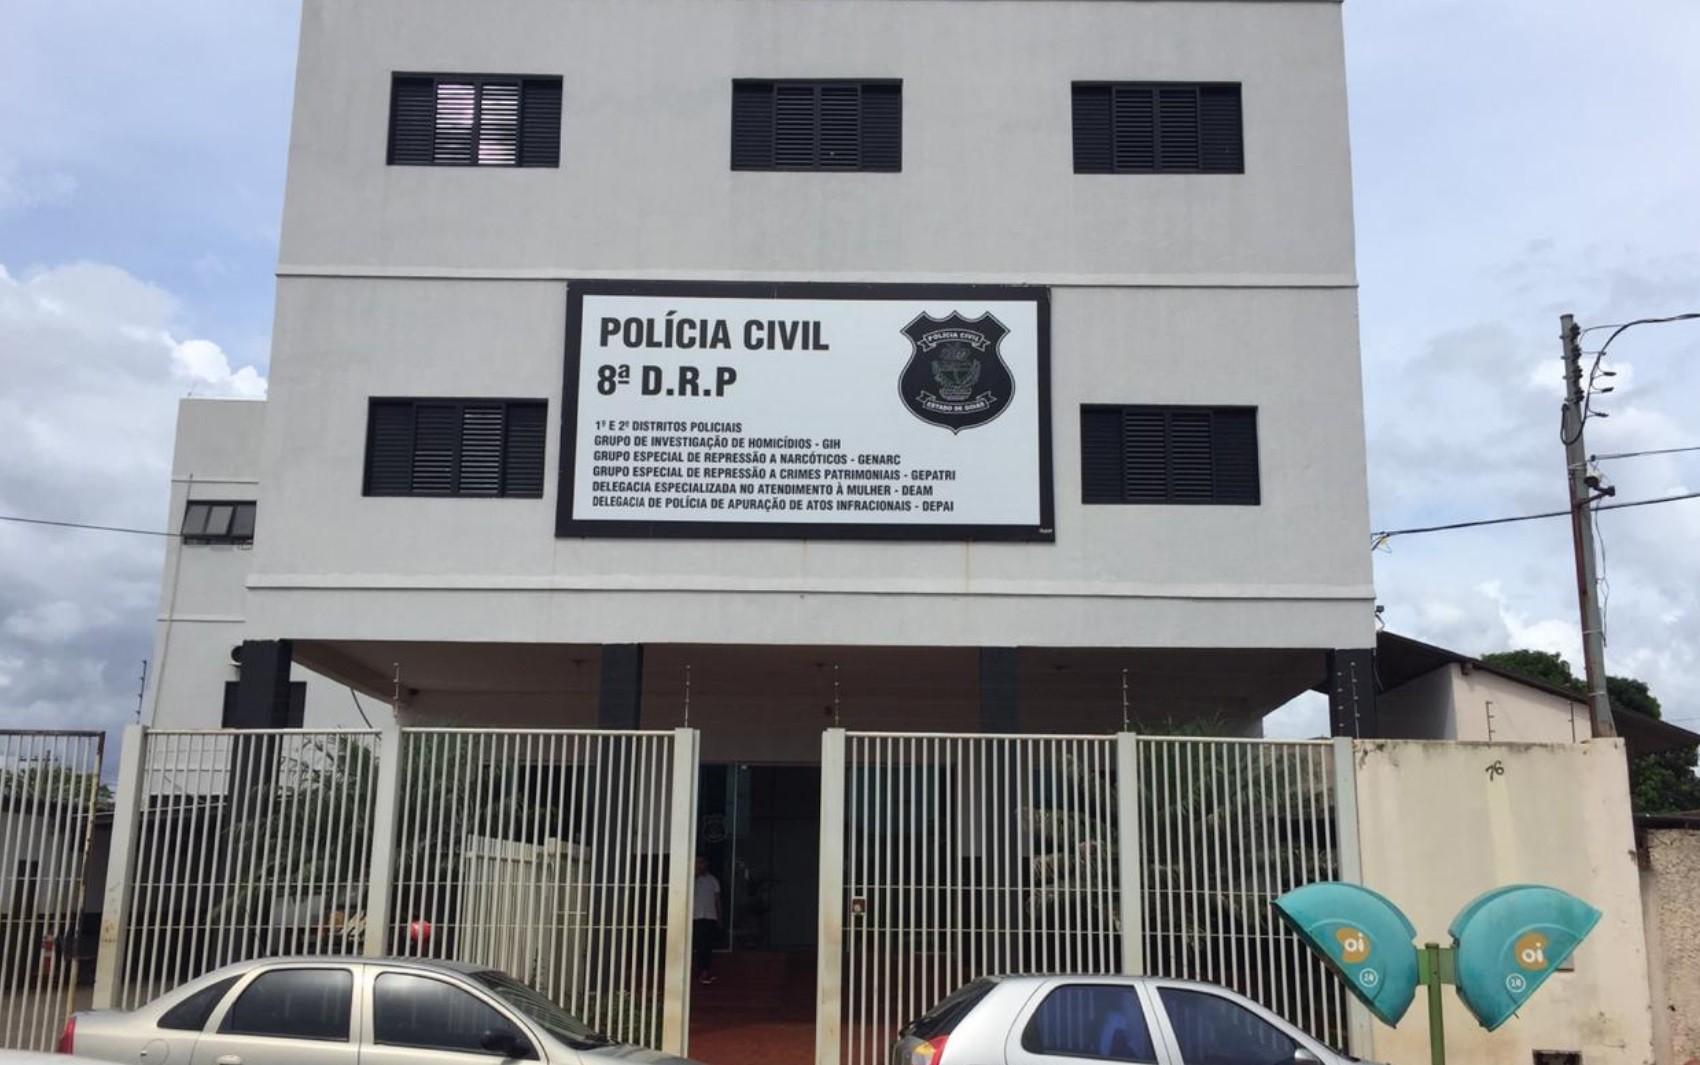 Idoso é preso suspeito de dar cerveja e abusar sexualmente da ex-enteada adolescente, em Rio Verde